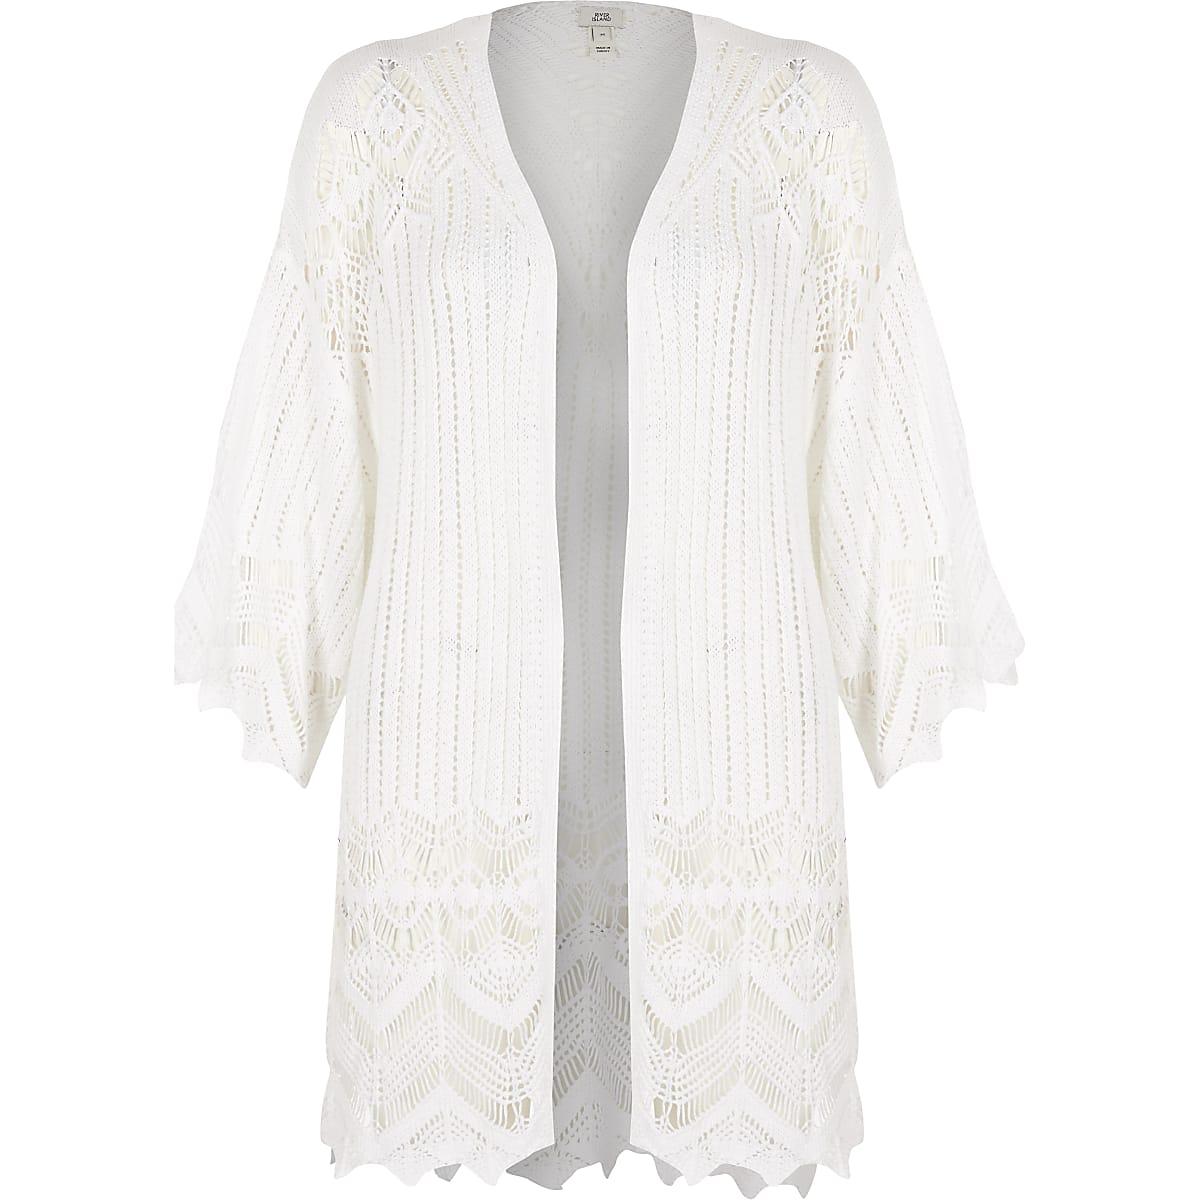 White Crochet Knit Cardigan Cardigans Knitwear Women